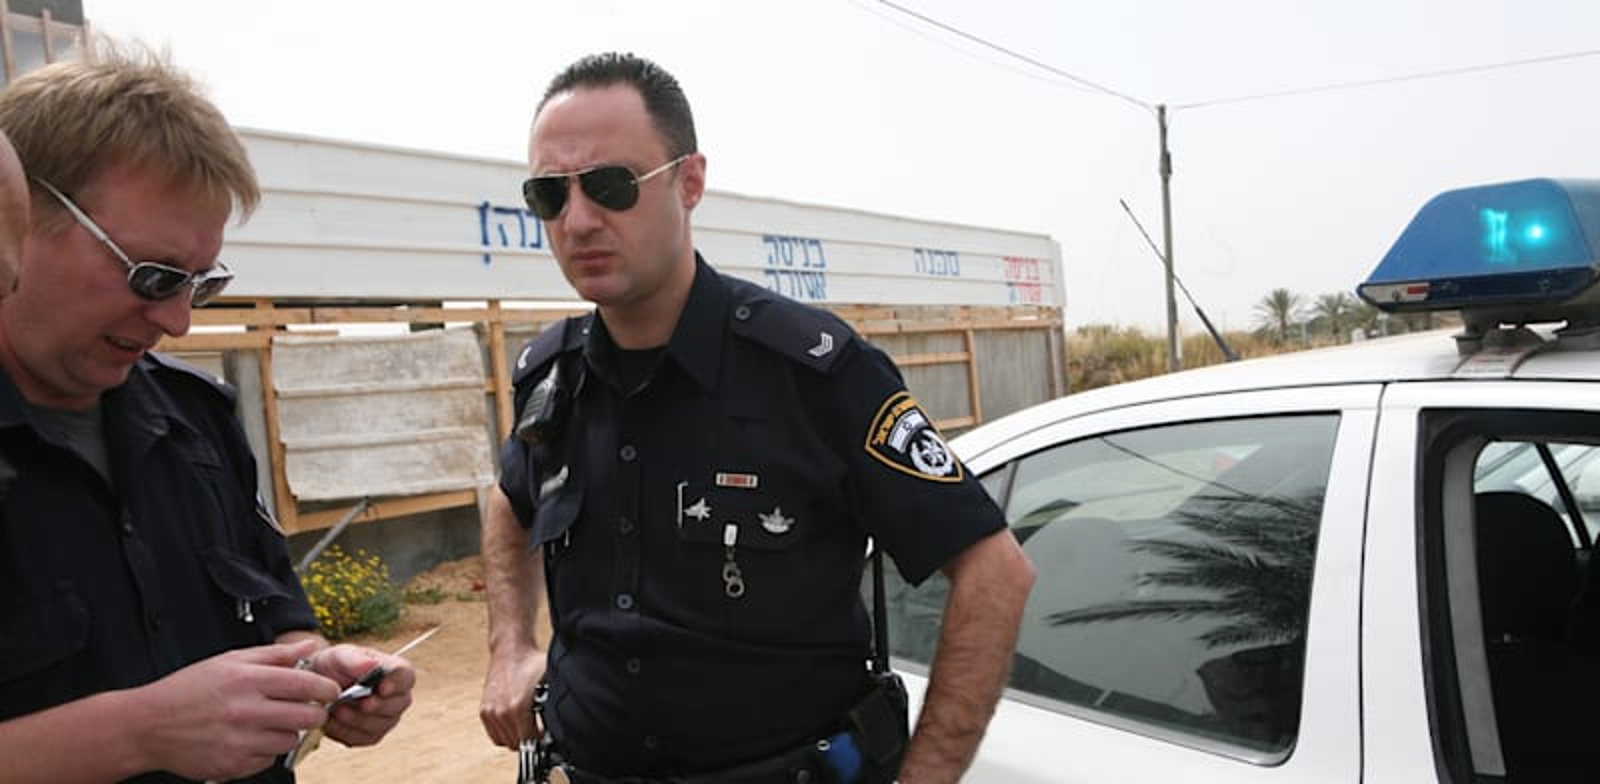 שוטרים / צילום: עינת לברון